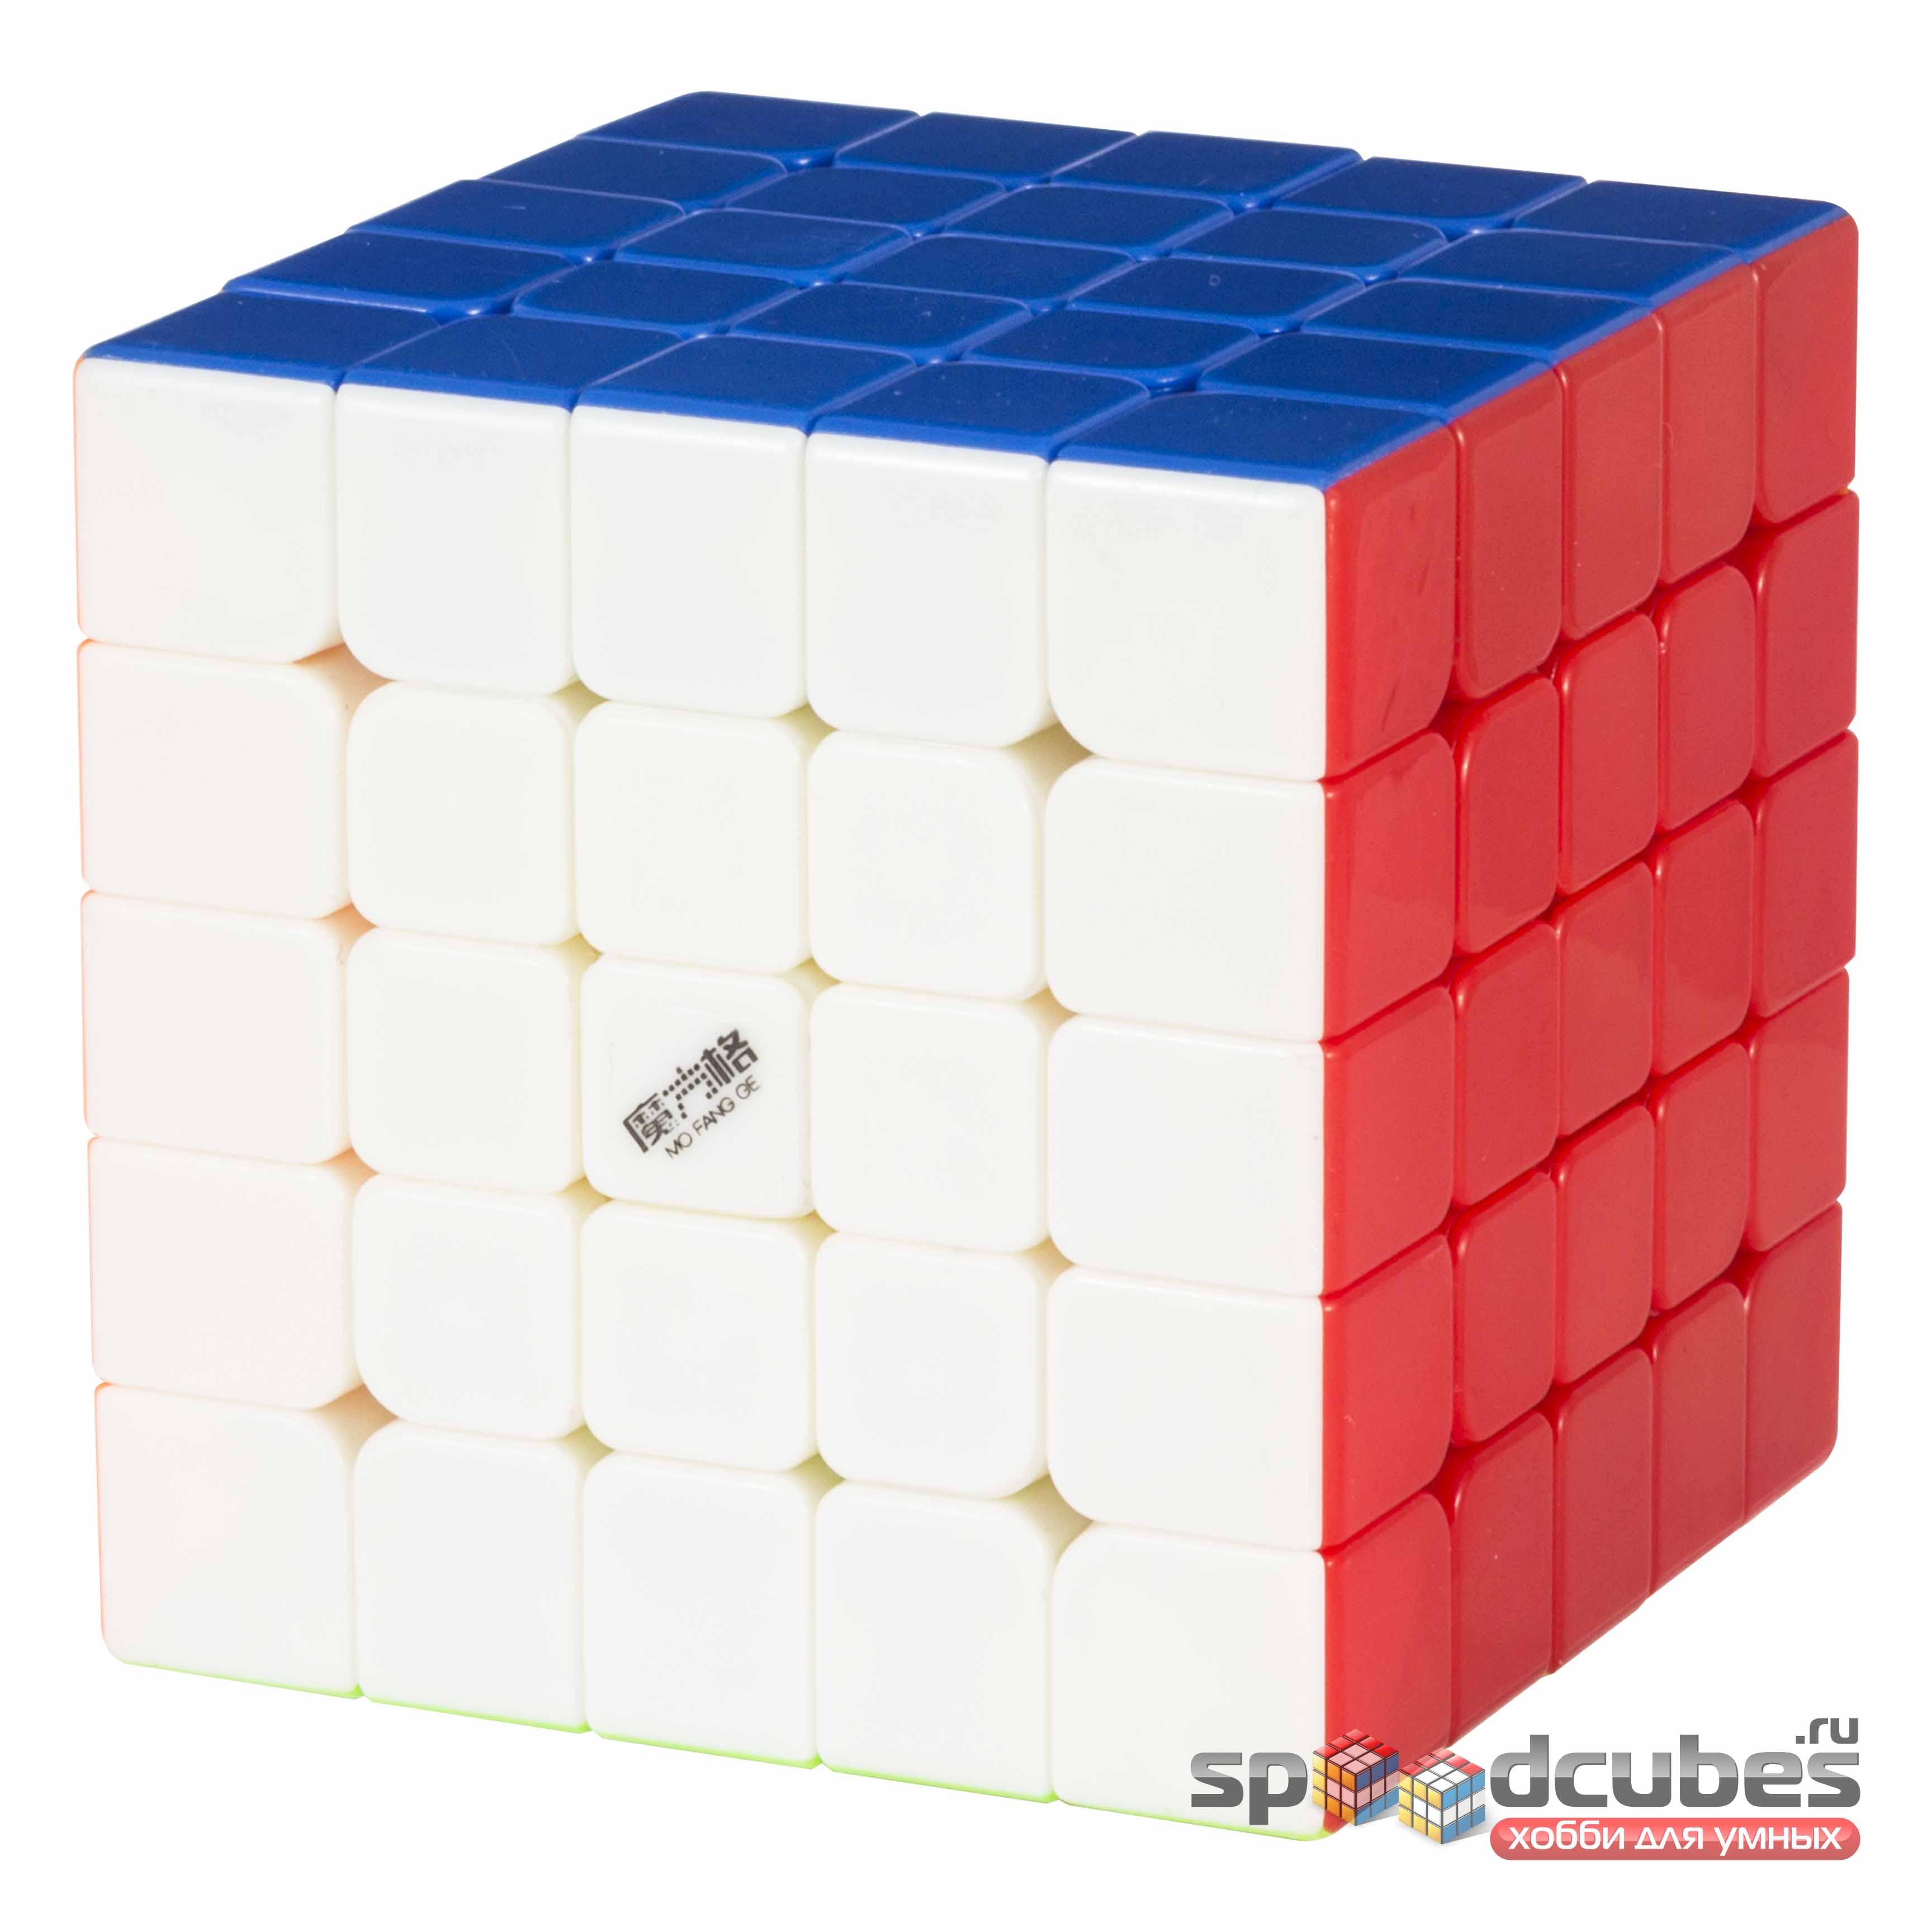 QiYi MoFangGe 5x5x5 WuShuang Color 2